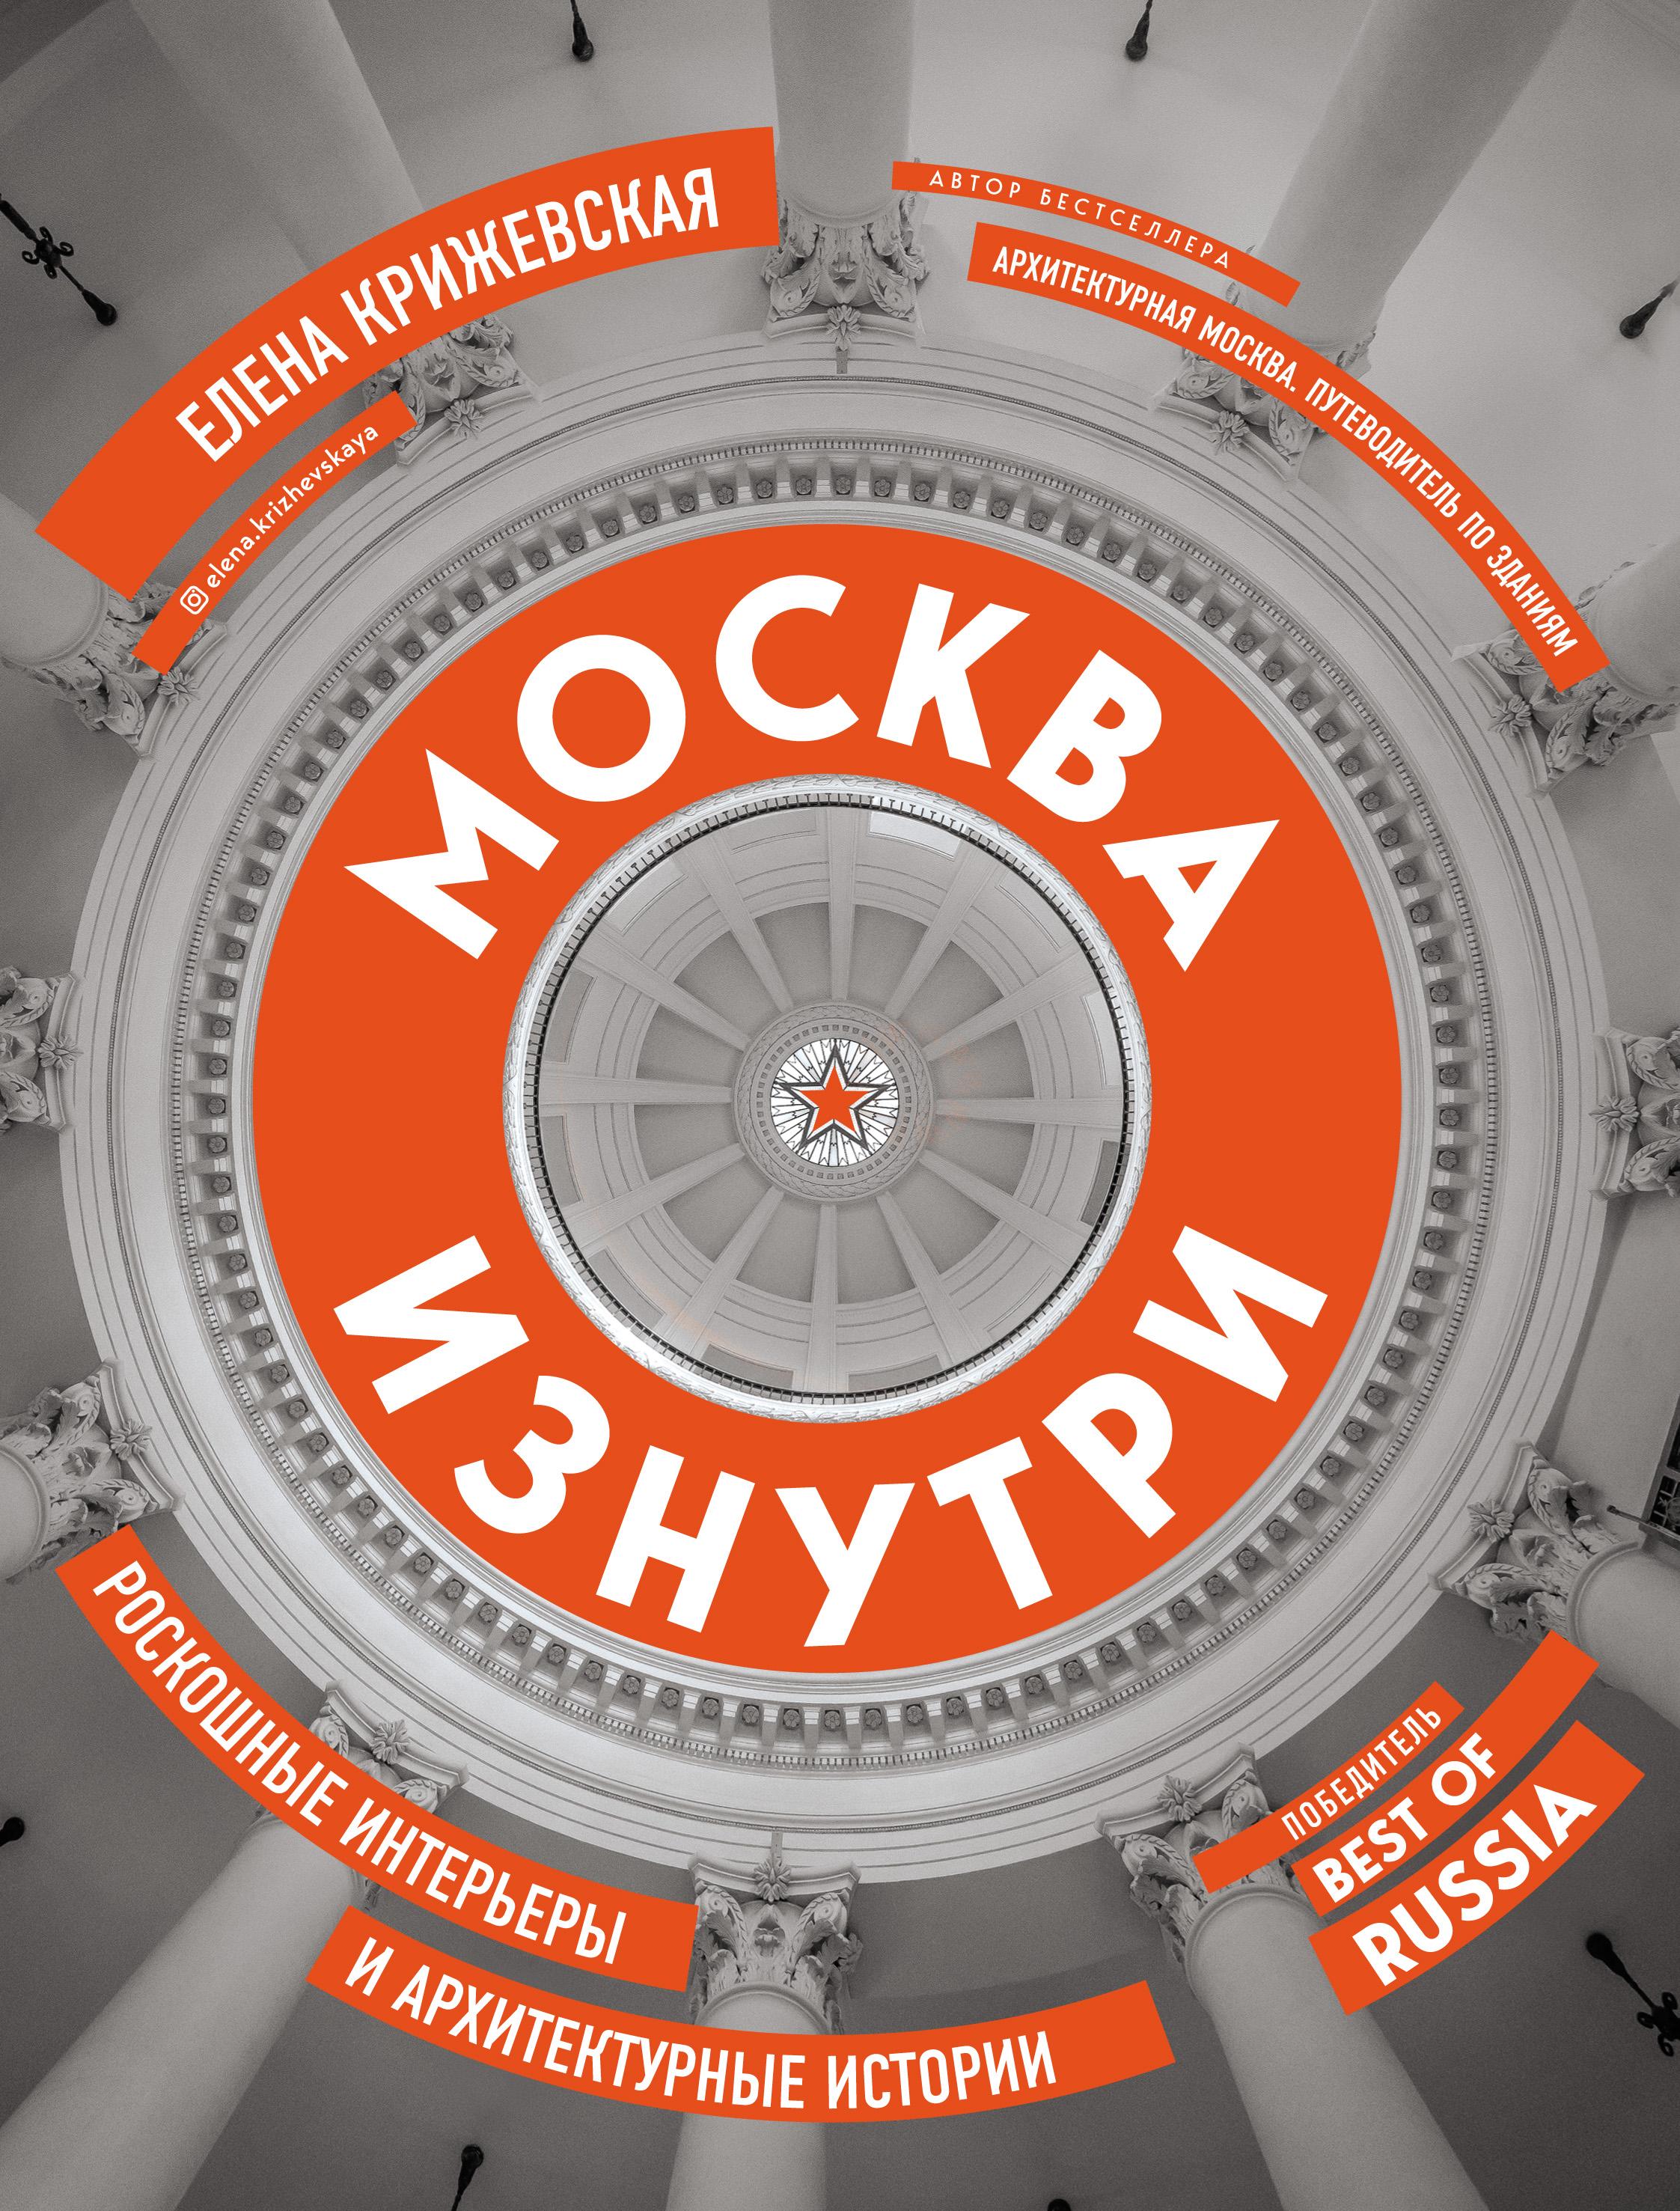 Москва изнутри. Роскошные интерьеры и архитектурные истории